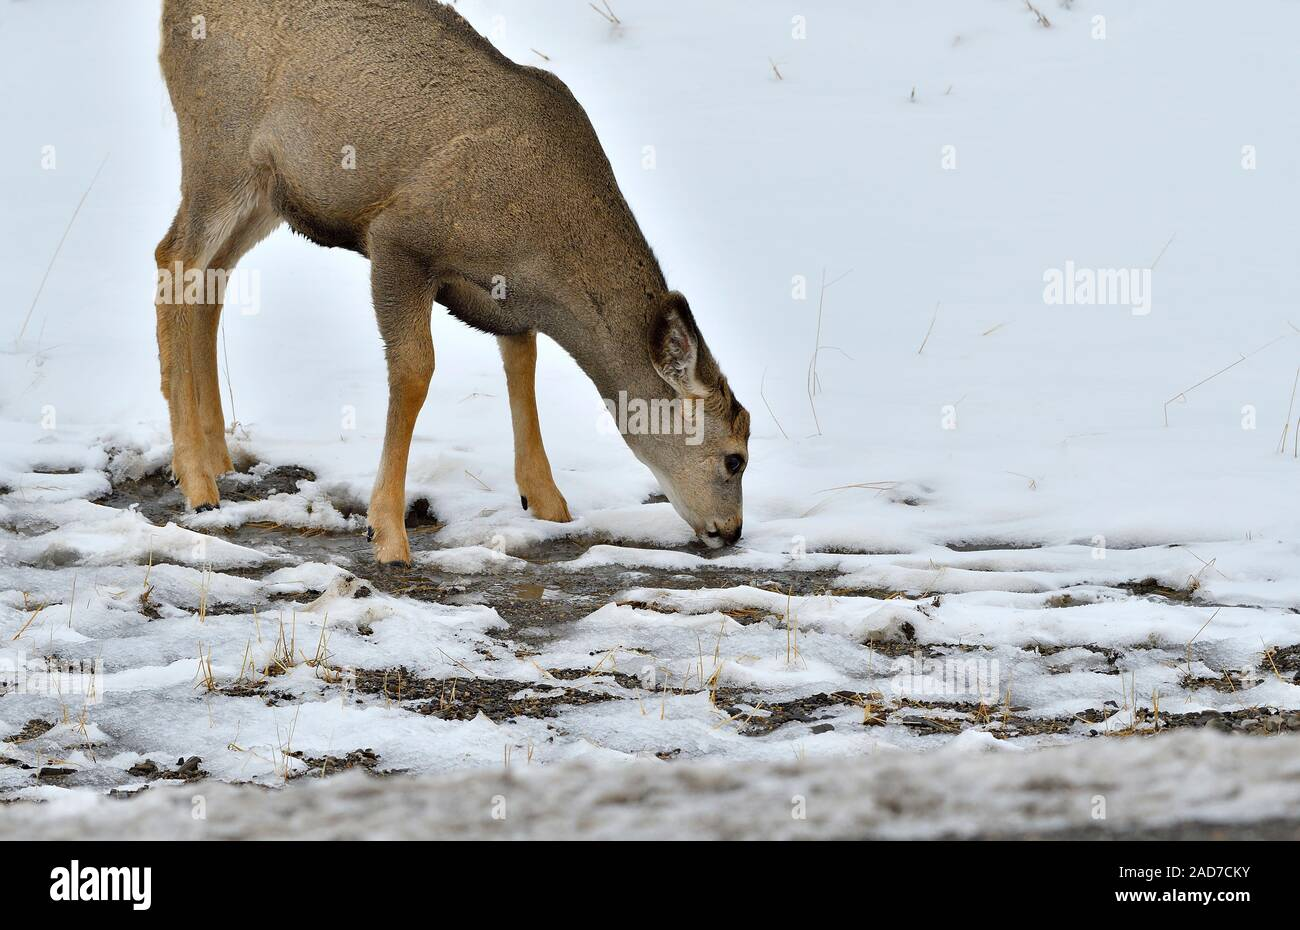 Una hembra de venado bura Odocoileus hemionus ''. beber un poco de agua de fusión al lado de una carretera en la zona rural de Alberta, Canadá Foto de stock